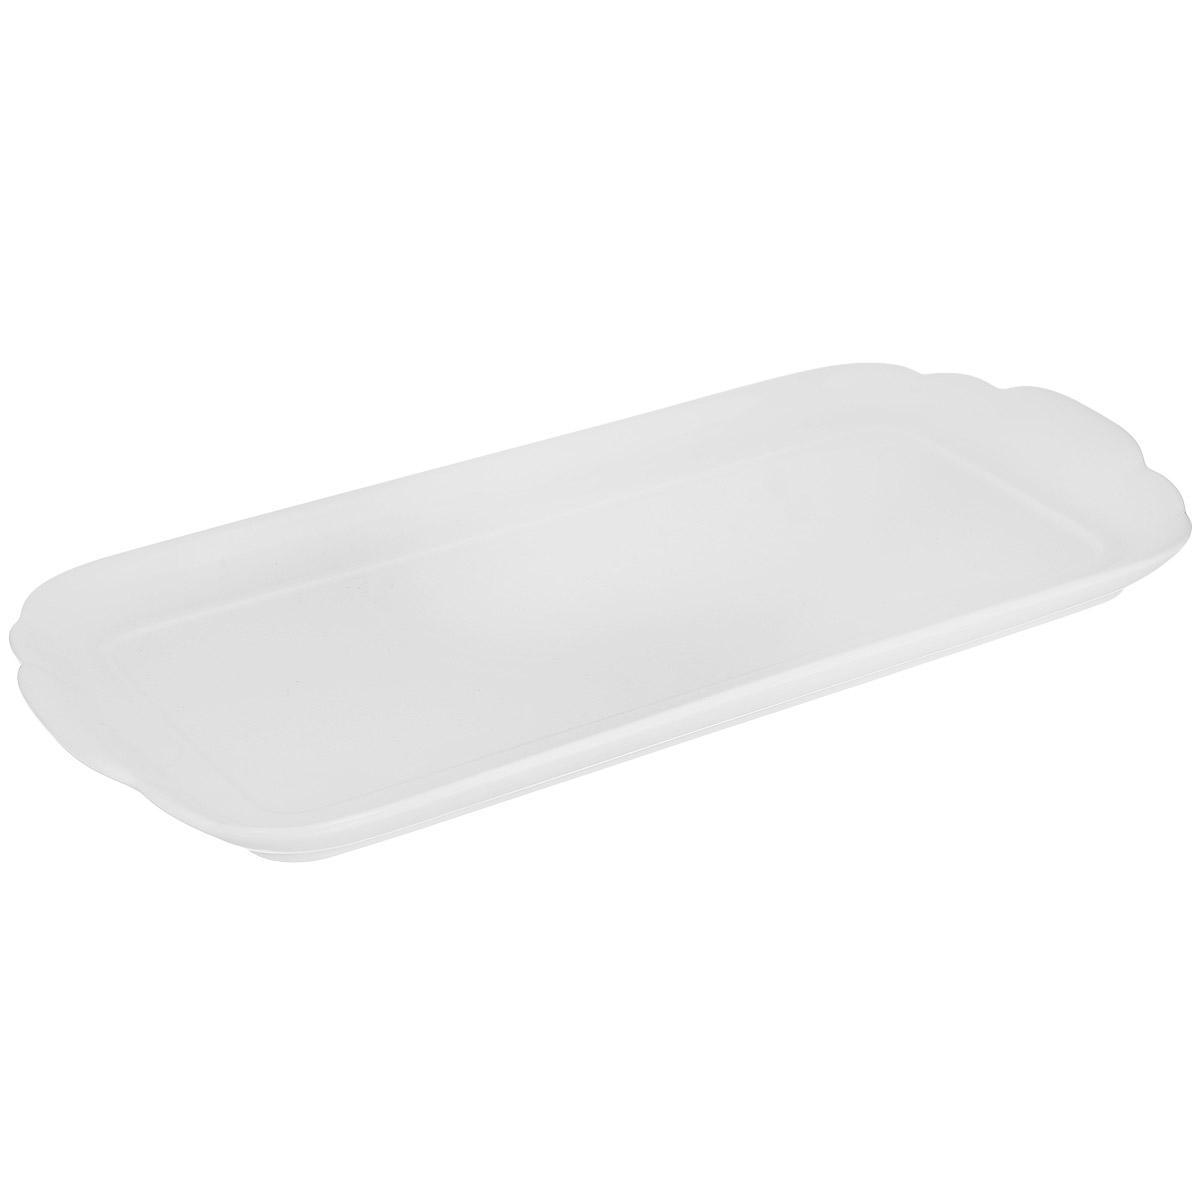 Блюдо Royal Porcelain, цвет: белый, 15 см х 33 см89ww/0335Блюдо Royal Porcelain изготовлено из высококачественного костяного фарфора. Основными достоинствами изделий из костяного фарфора являются прочность и абсолютно гладкая глазуровка. Блюдо имеет специальную форму, которая идеально подходит для сервировки рыбы, а также нарезок и закусок.Изящное блюдо Royal Porcelain великолепно украсит праздничный стол и станет прекрасным дополнением к вашему кухонному инвентарю.Можно мыть в посудомоечной машине. Размер блюда (по верхнему краю): 15 см х 33 см. Высота блюда: 2 см.